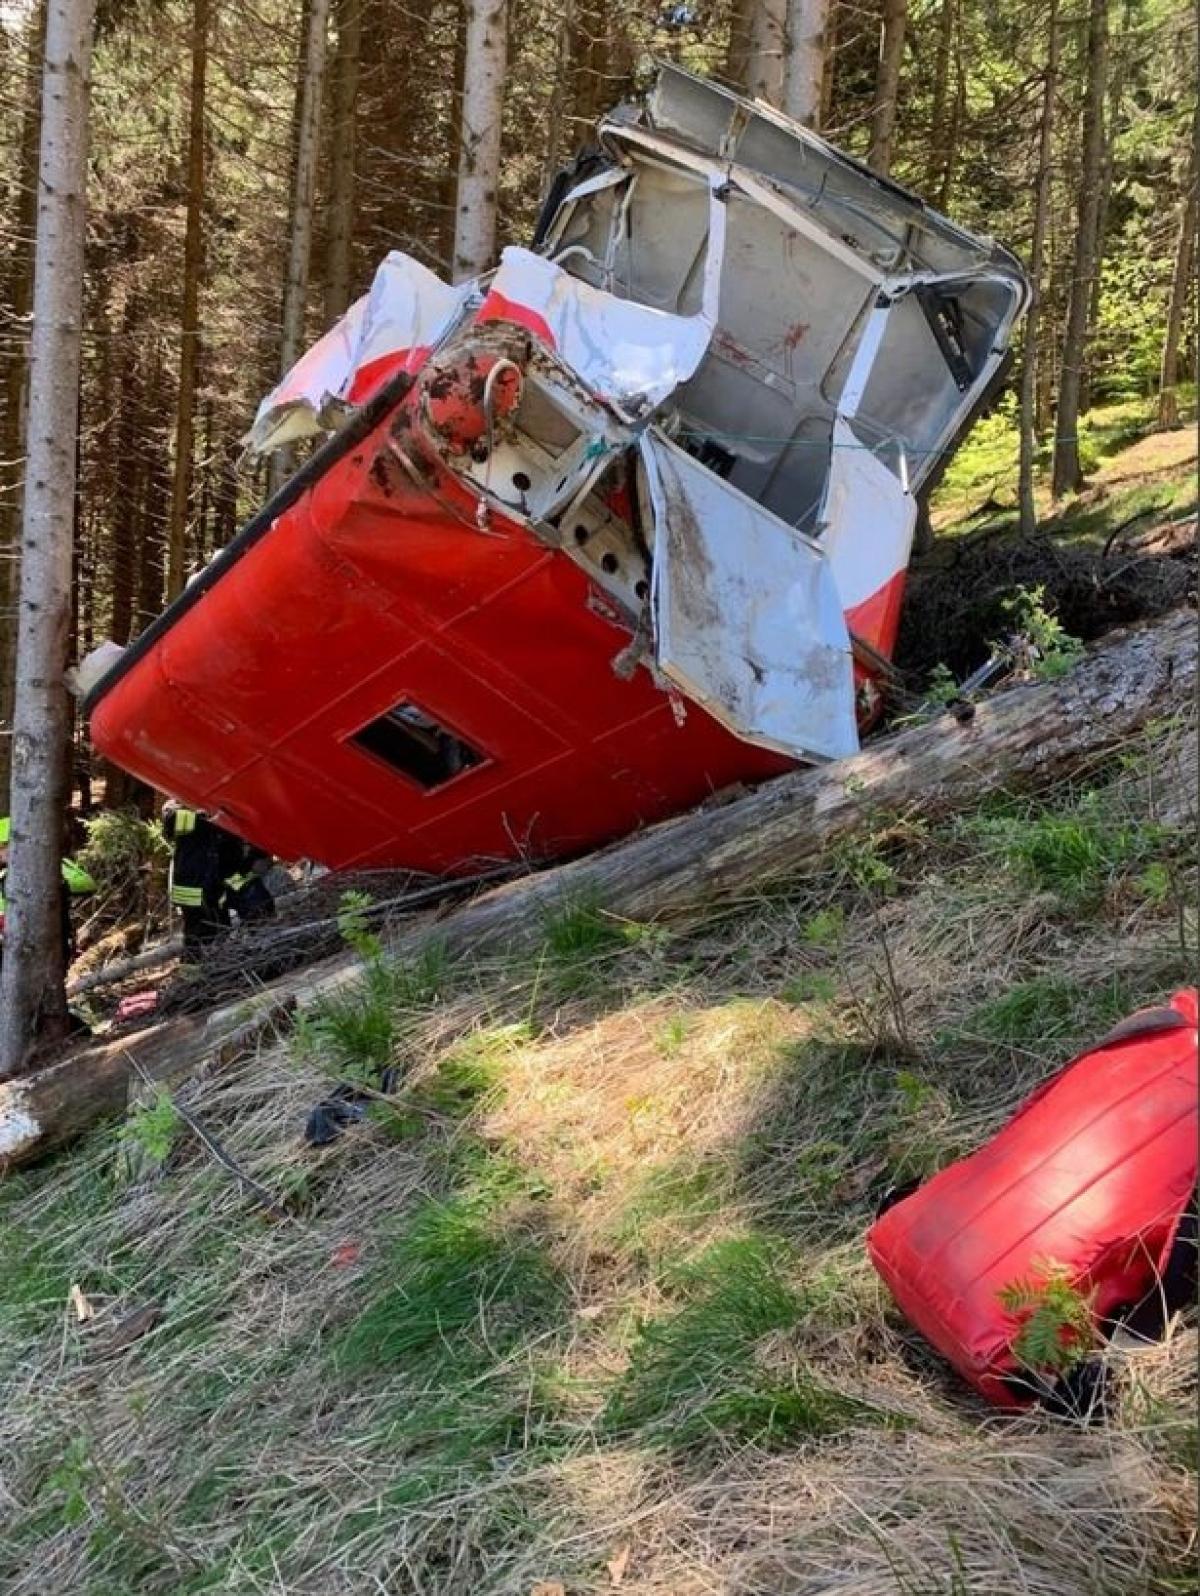 Chiếc cabin gặp nạn vào hôm 23/5. Sau khi rơi và lăn, cabin bị móp méo. Ảnh: Mirror.